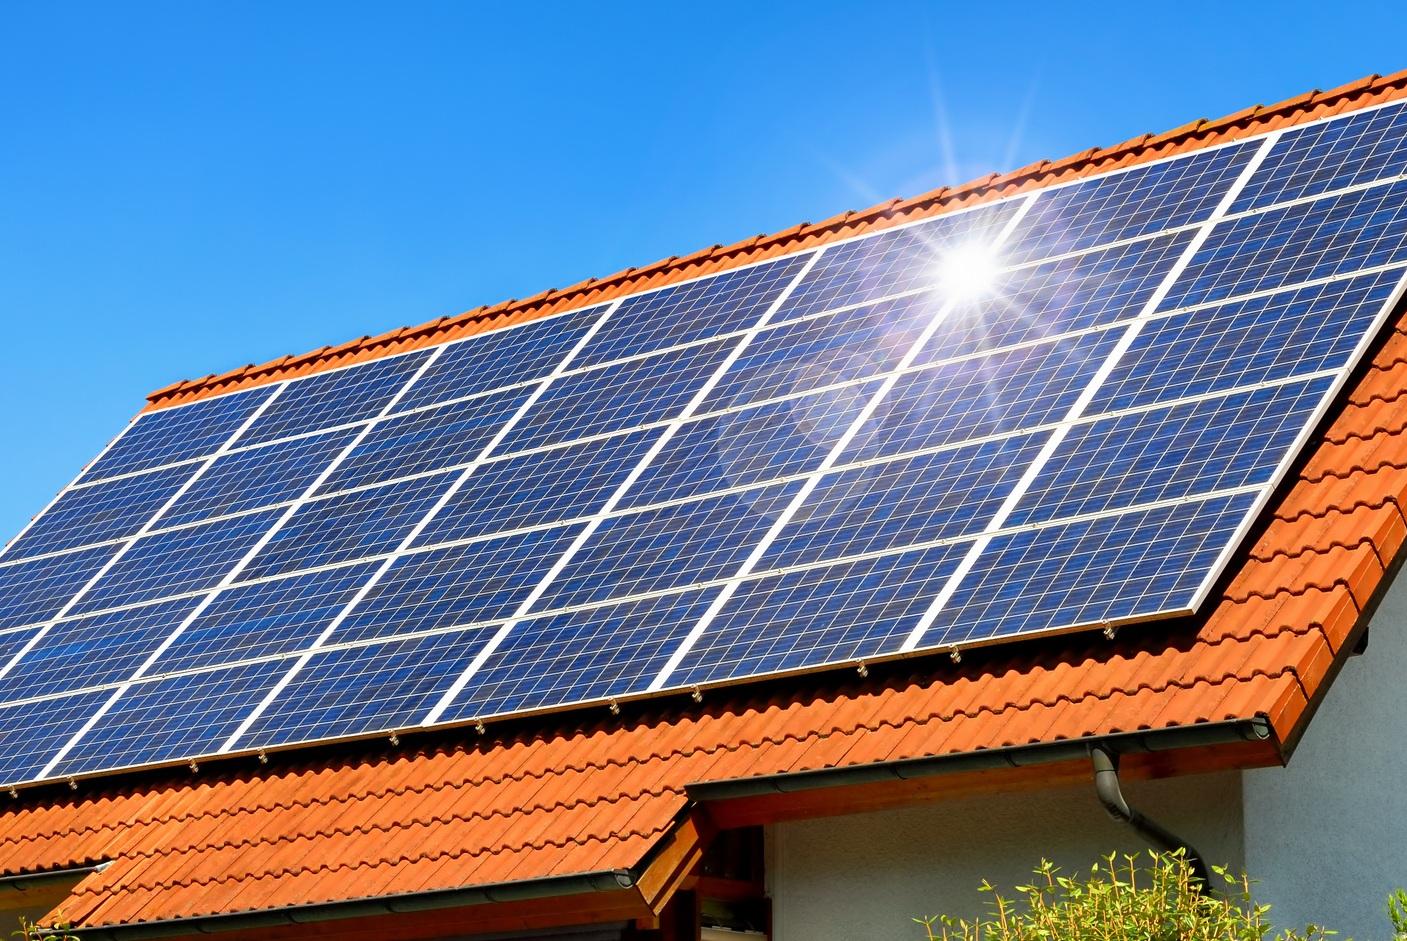 Bơm hút chân không Edwards sử dụng trong sản xuất tấm pin năng lượng mặt trời